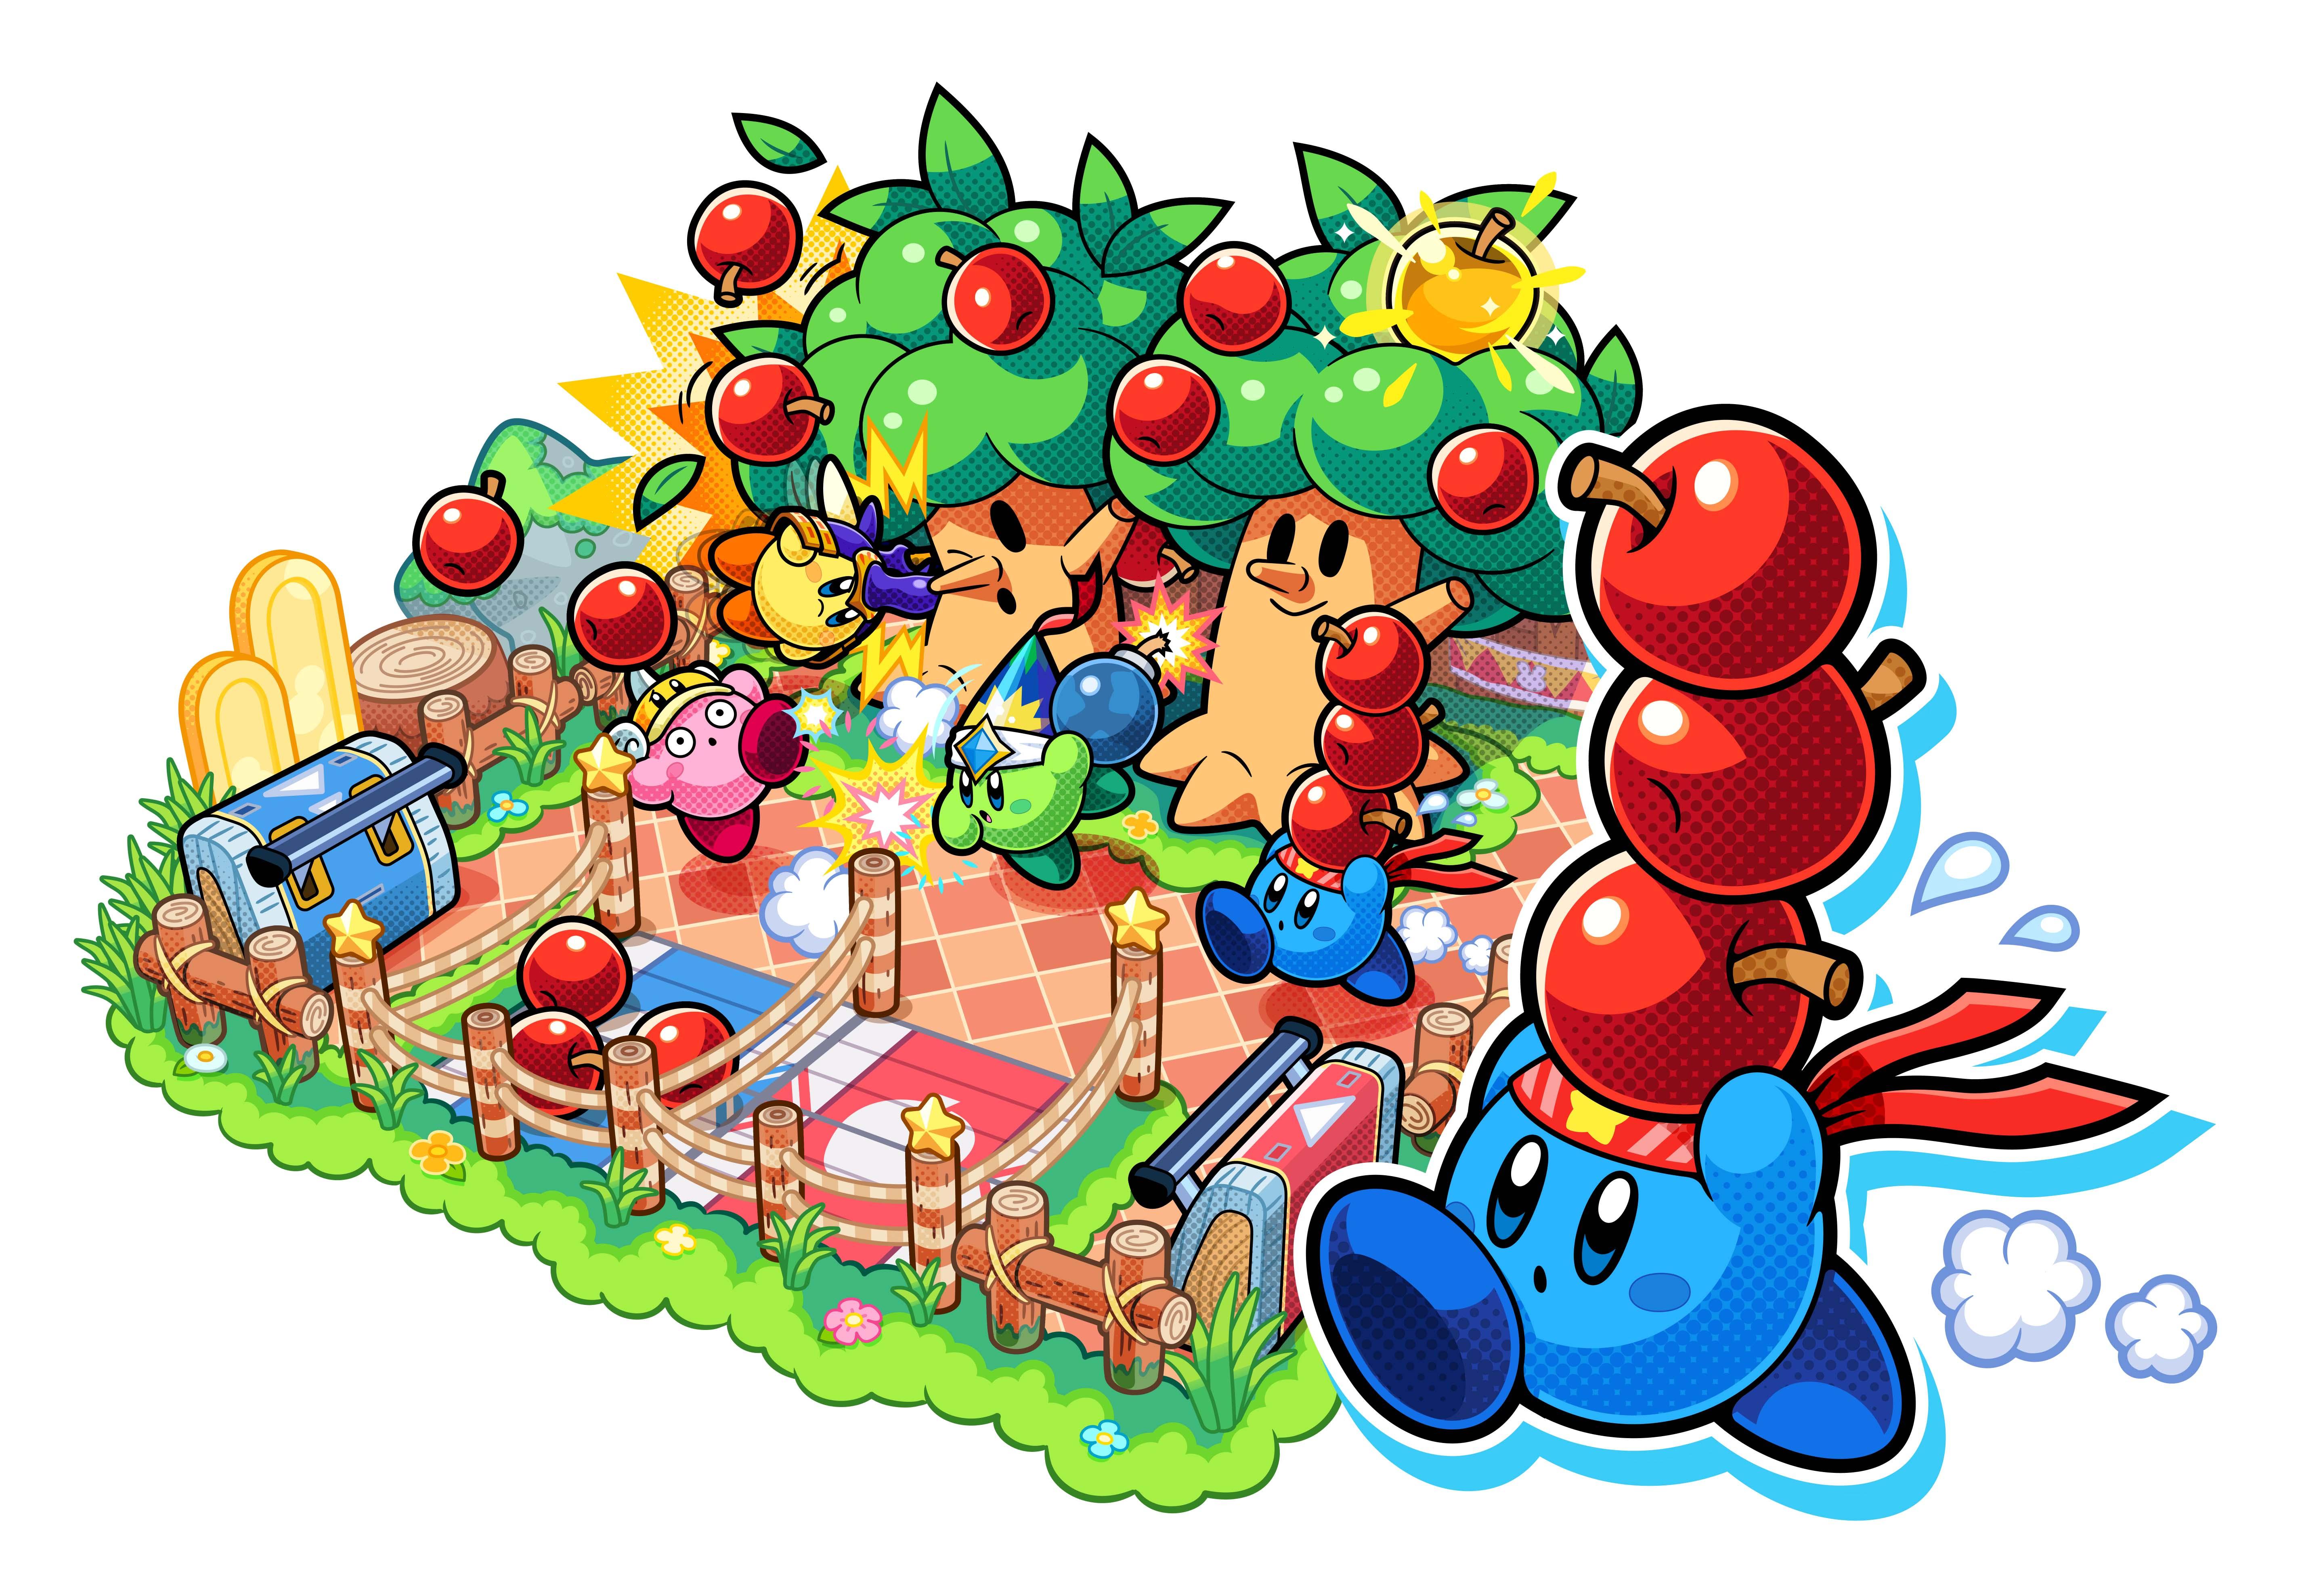 CI_3DS_KirbyBattleRoyale_applescramble.jpg